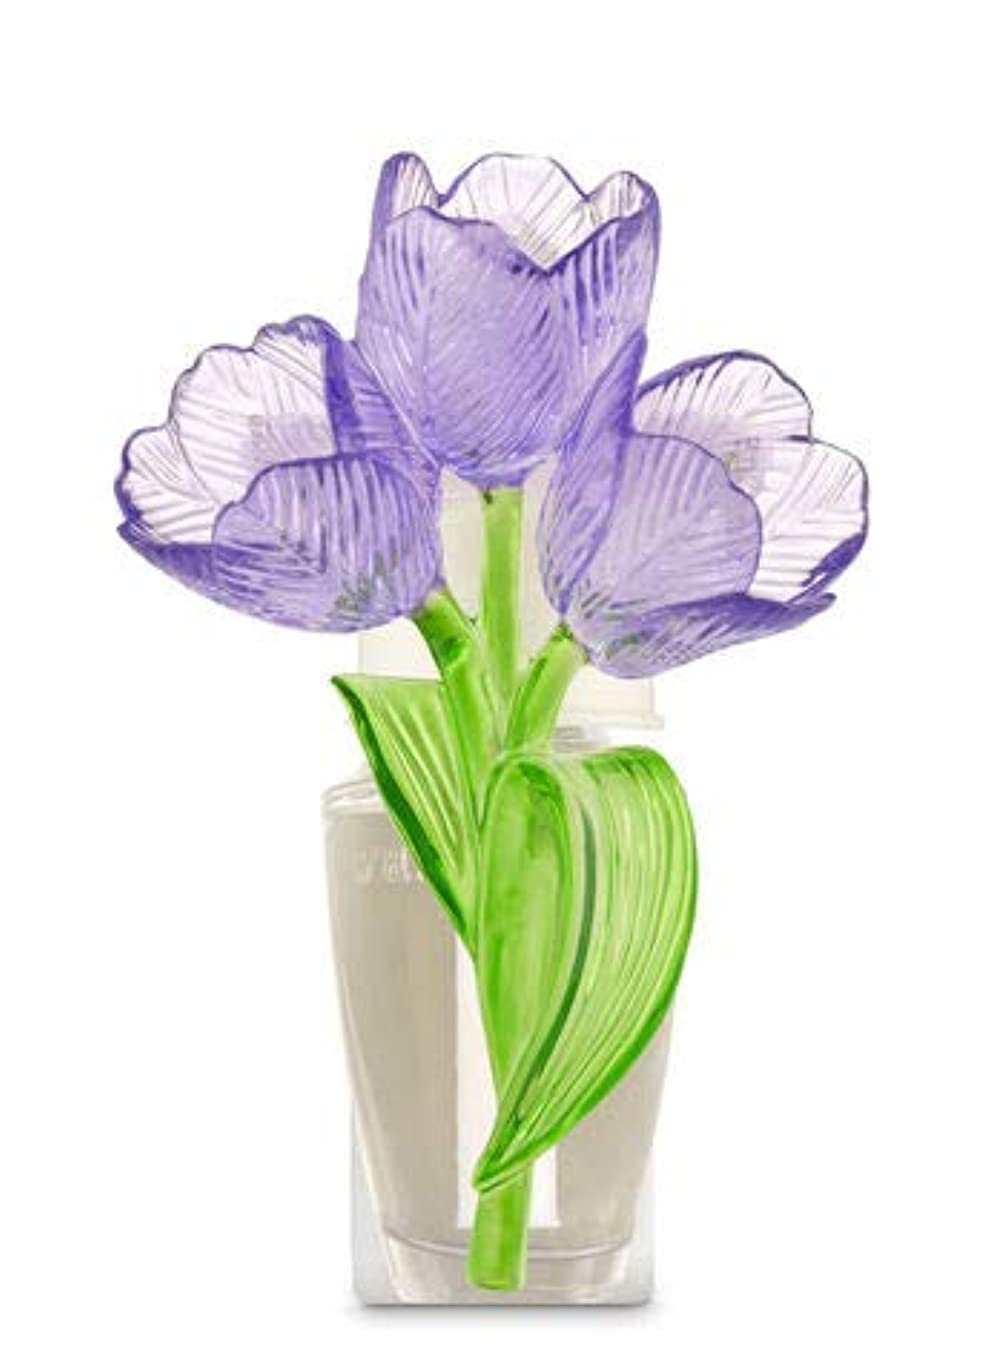 部屋を掃除する同化照らす【Bath&Body Works/バス&ボディワークス】 ルームフレグランス プラグインスターター (本体のみ) チューリップ ナイトライト Wallflowers Fragrance Plug Tulips Night Light [並行輸入品]